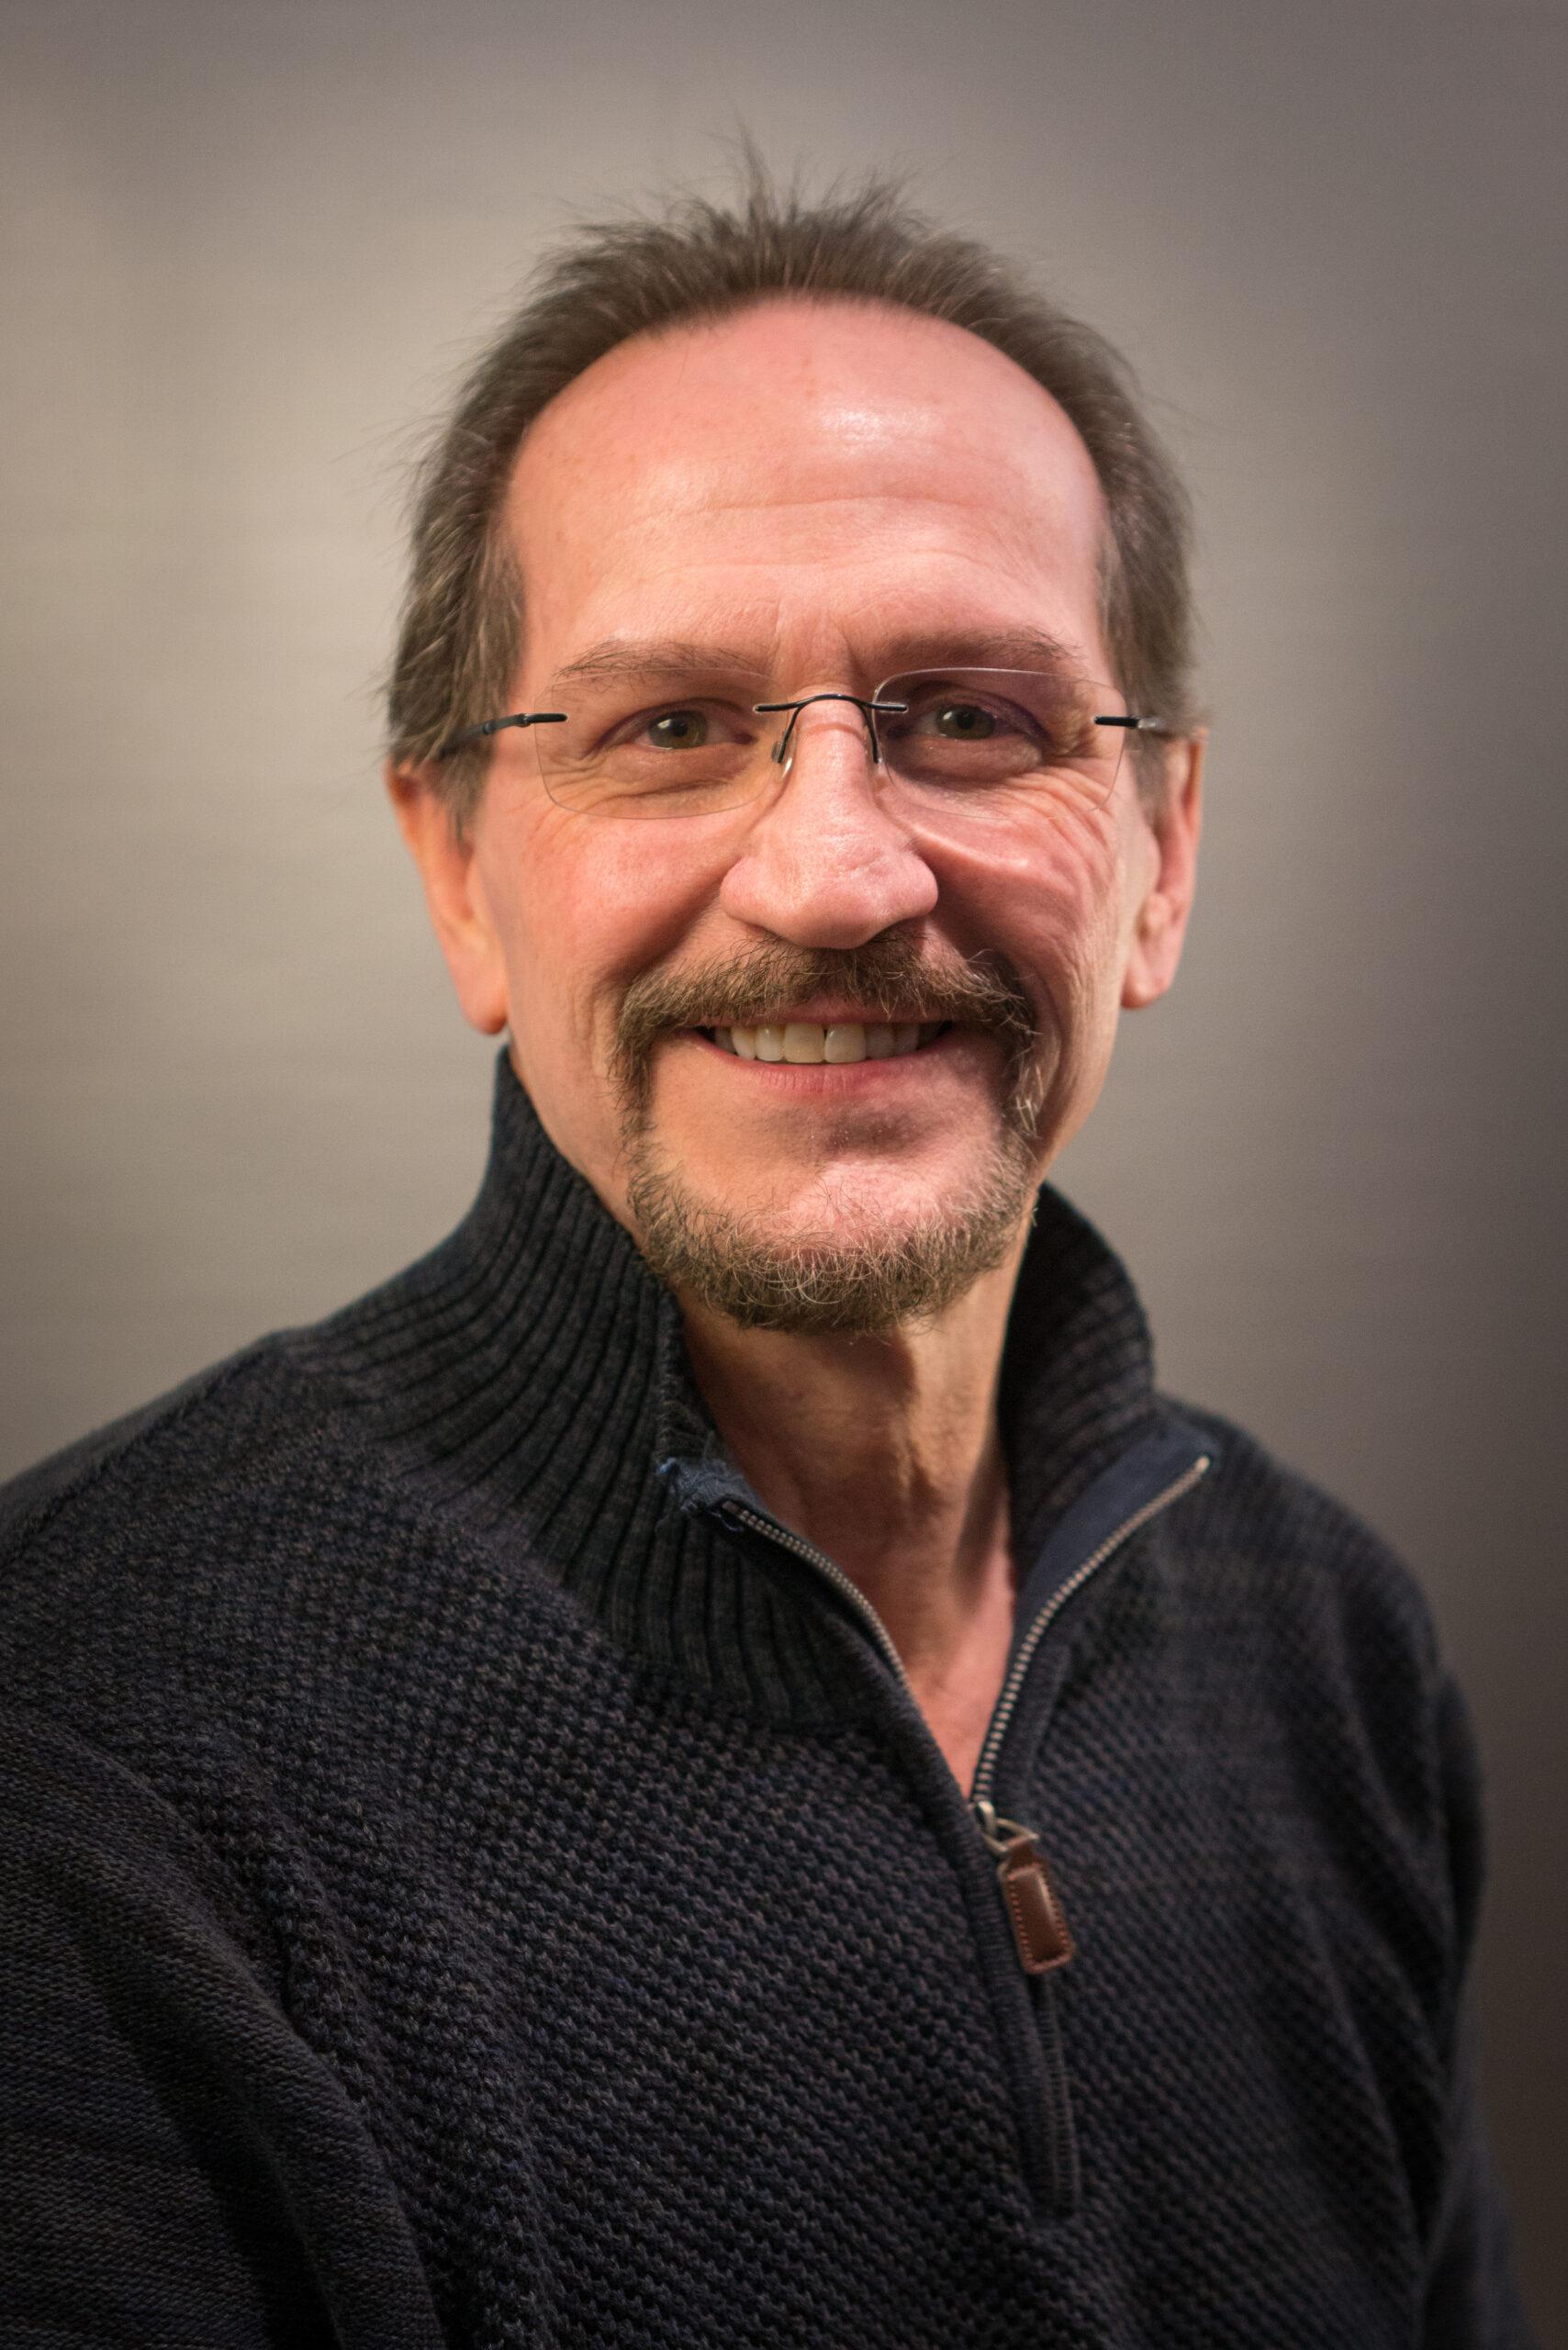 Bryan Wiltsie